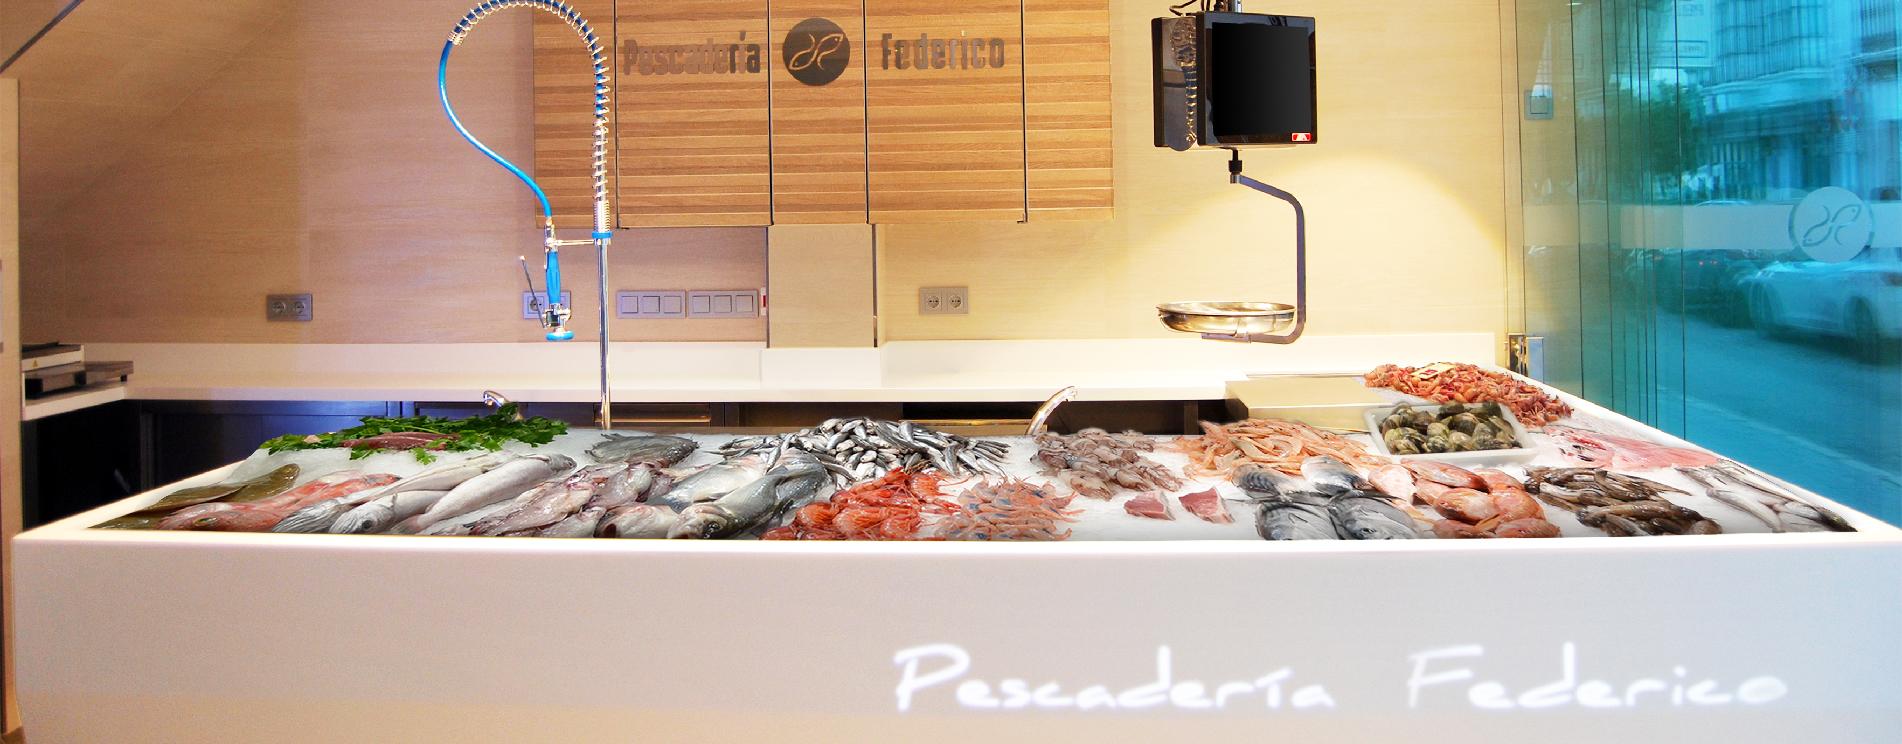 Cianco a conçu et fabriqué l'étal à poissons, façade et équipement de la poissonnerie Federico à Séville, combinat l'acier inoxydable et le Krion